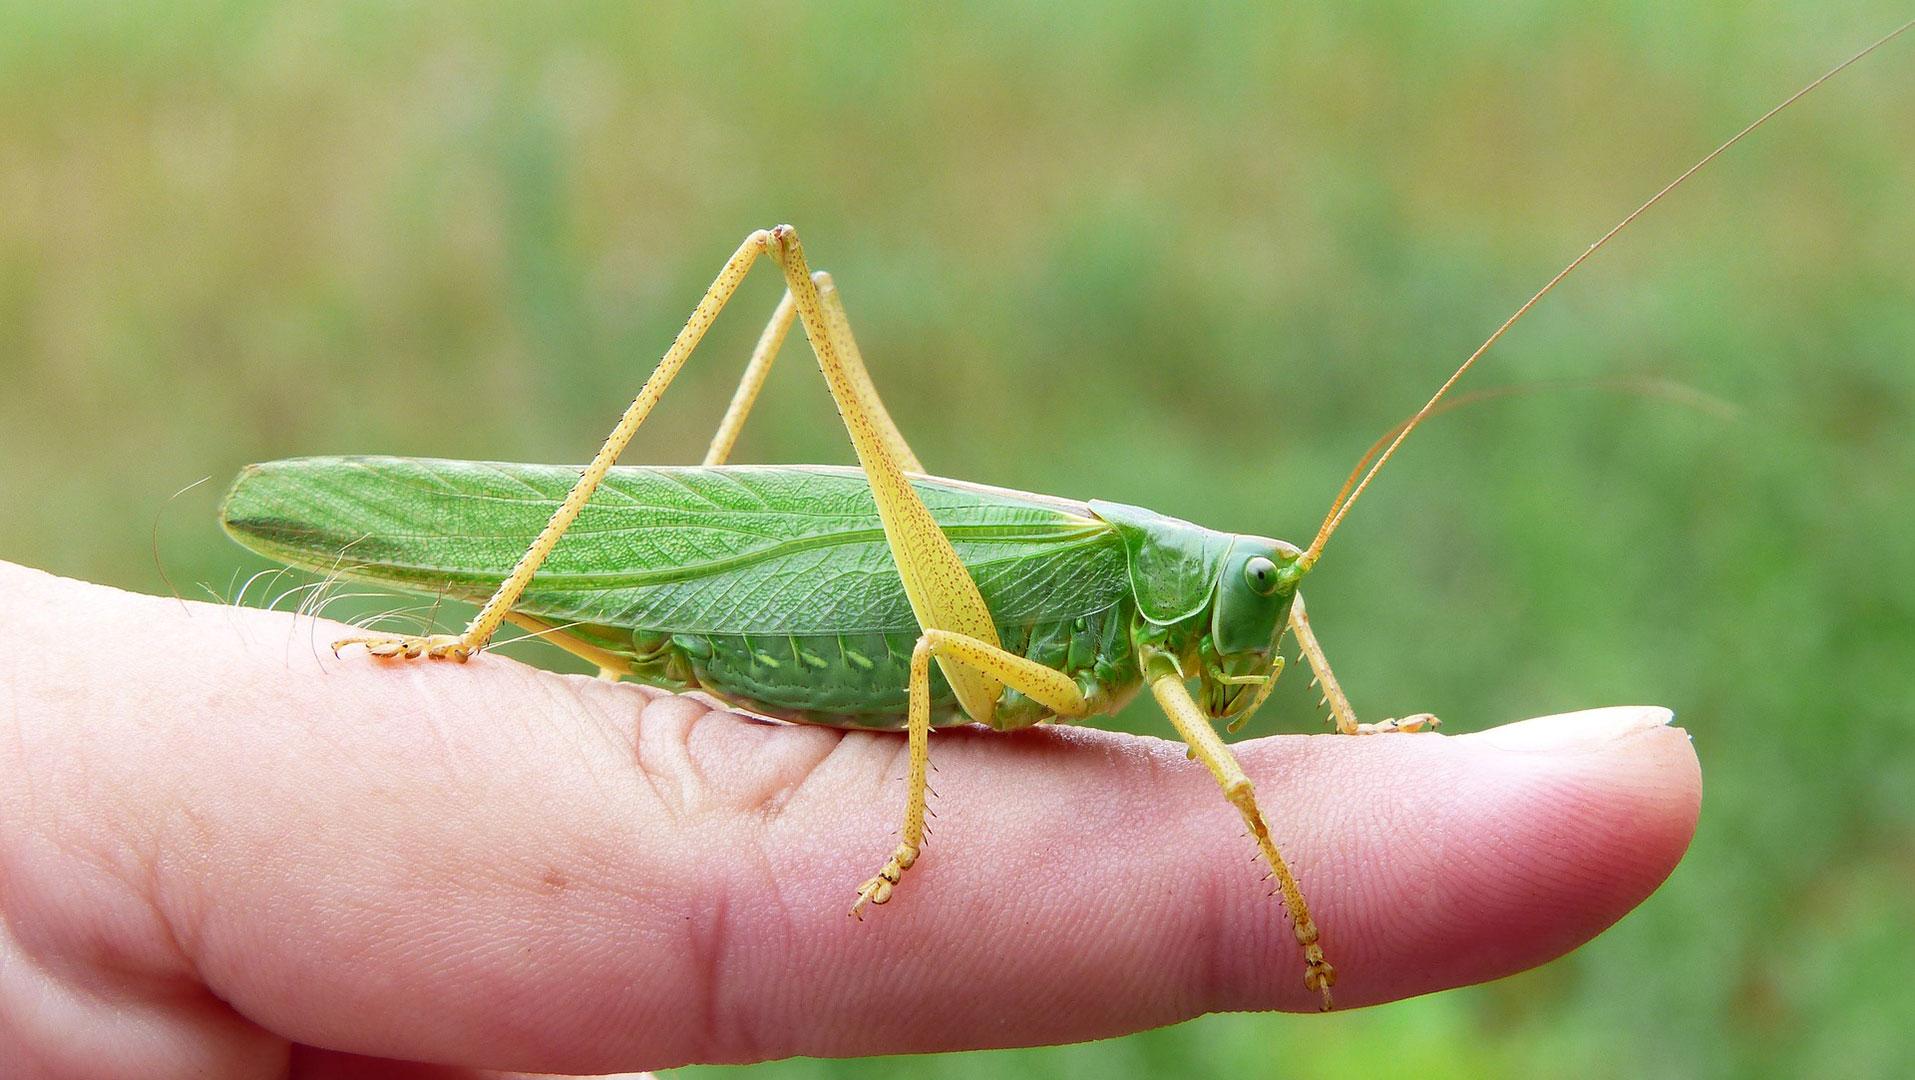 Grasshopper resting on a finger